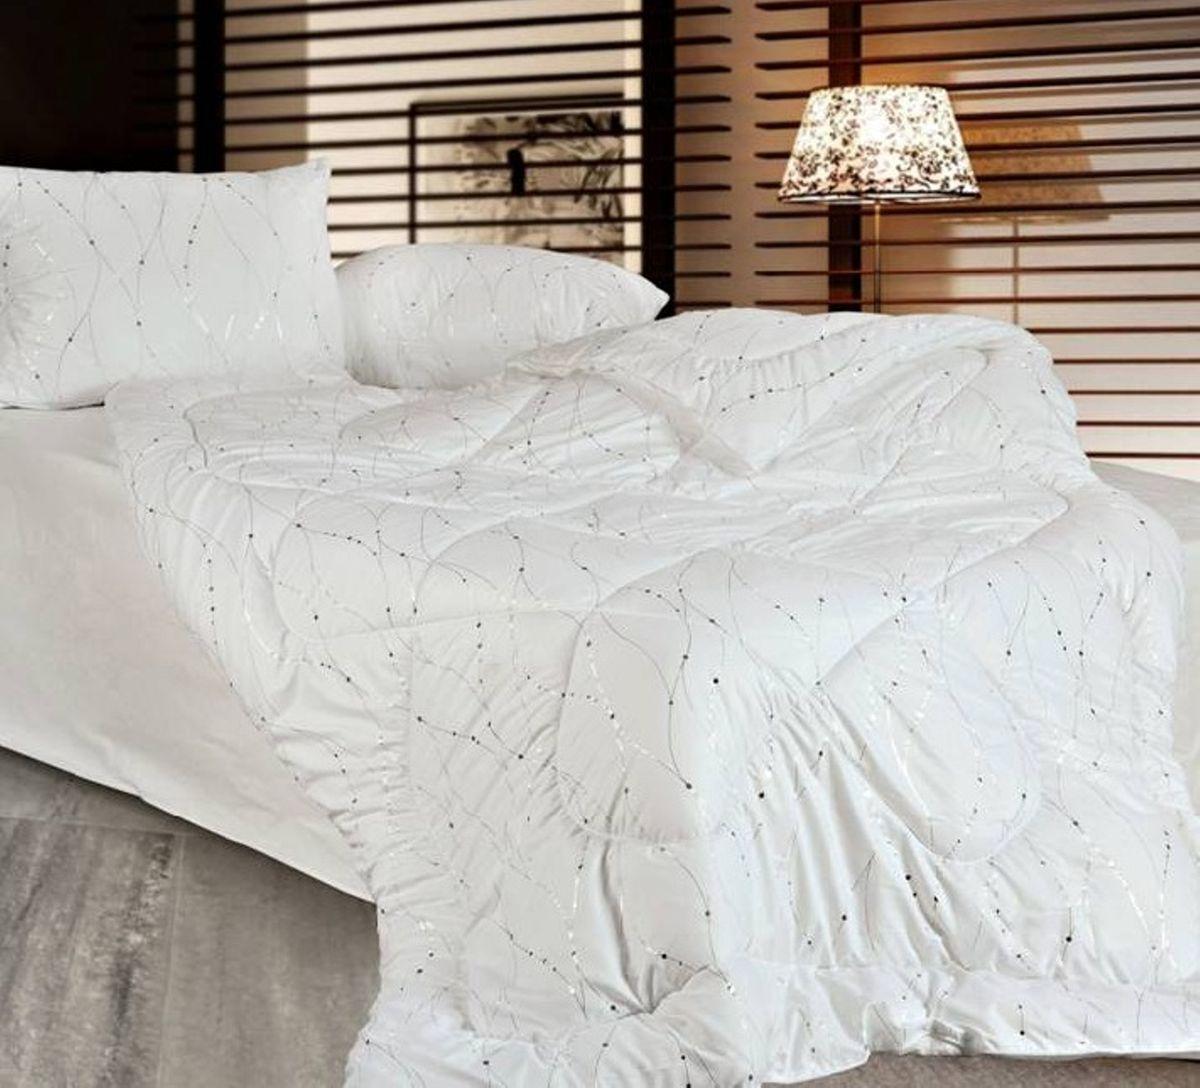 Одеяло Home & Style, 200x220см, наполнитель соевое волокноS03301004Классические одеяла и подушки с экологичным наполнителем и стильным верхом - серебро на белом фоне